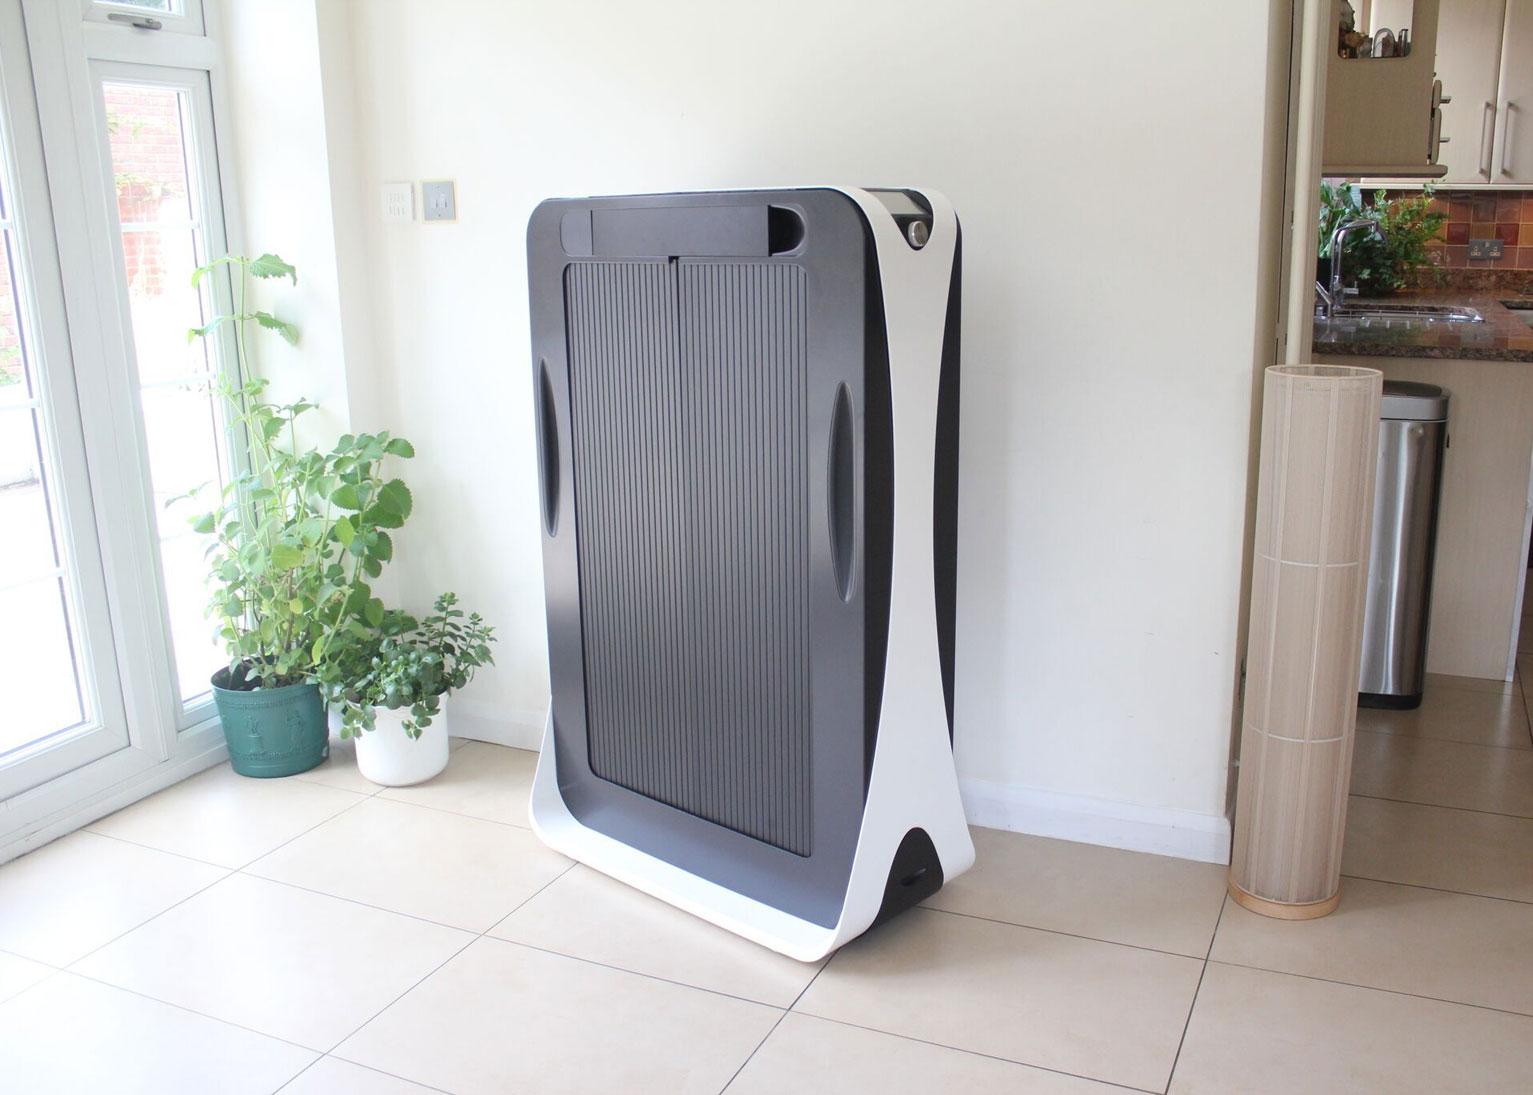 Kompaktní zařízení Effie vysuší a vyžehlí oblečení během pár minut